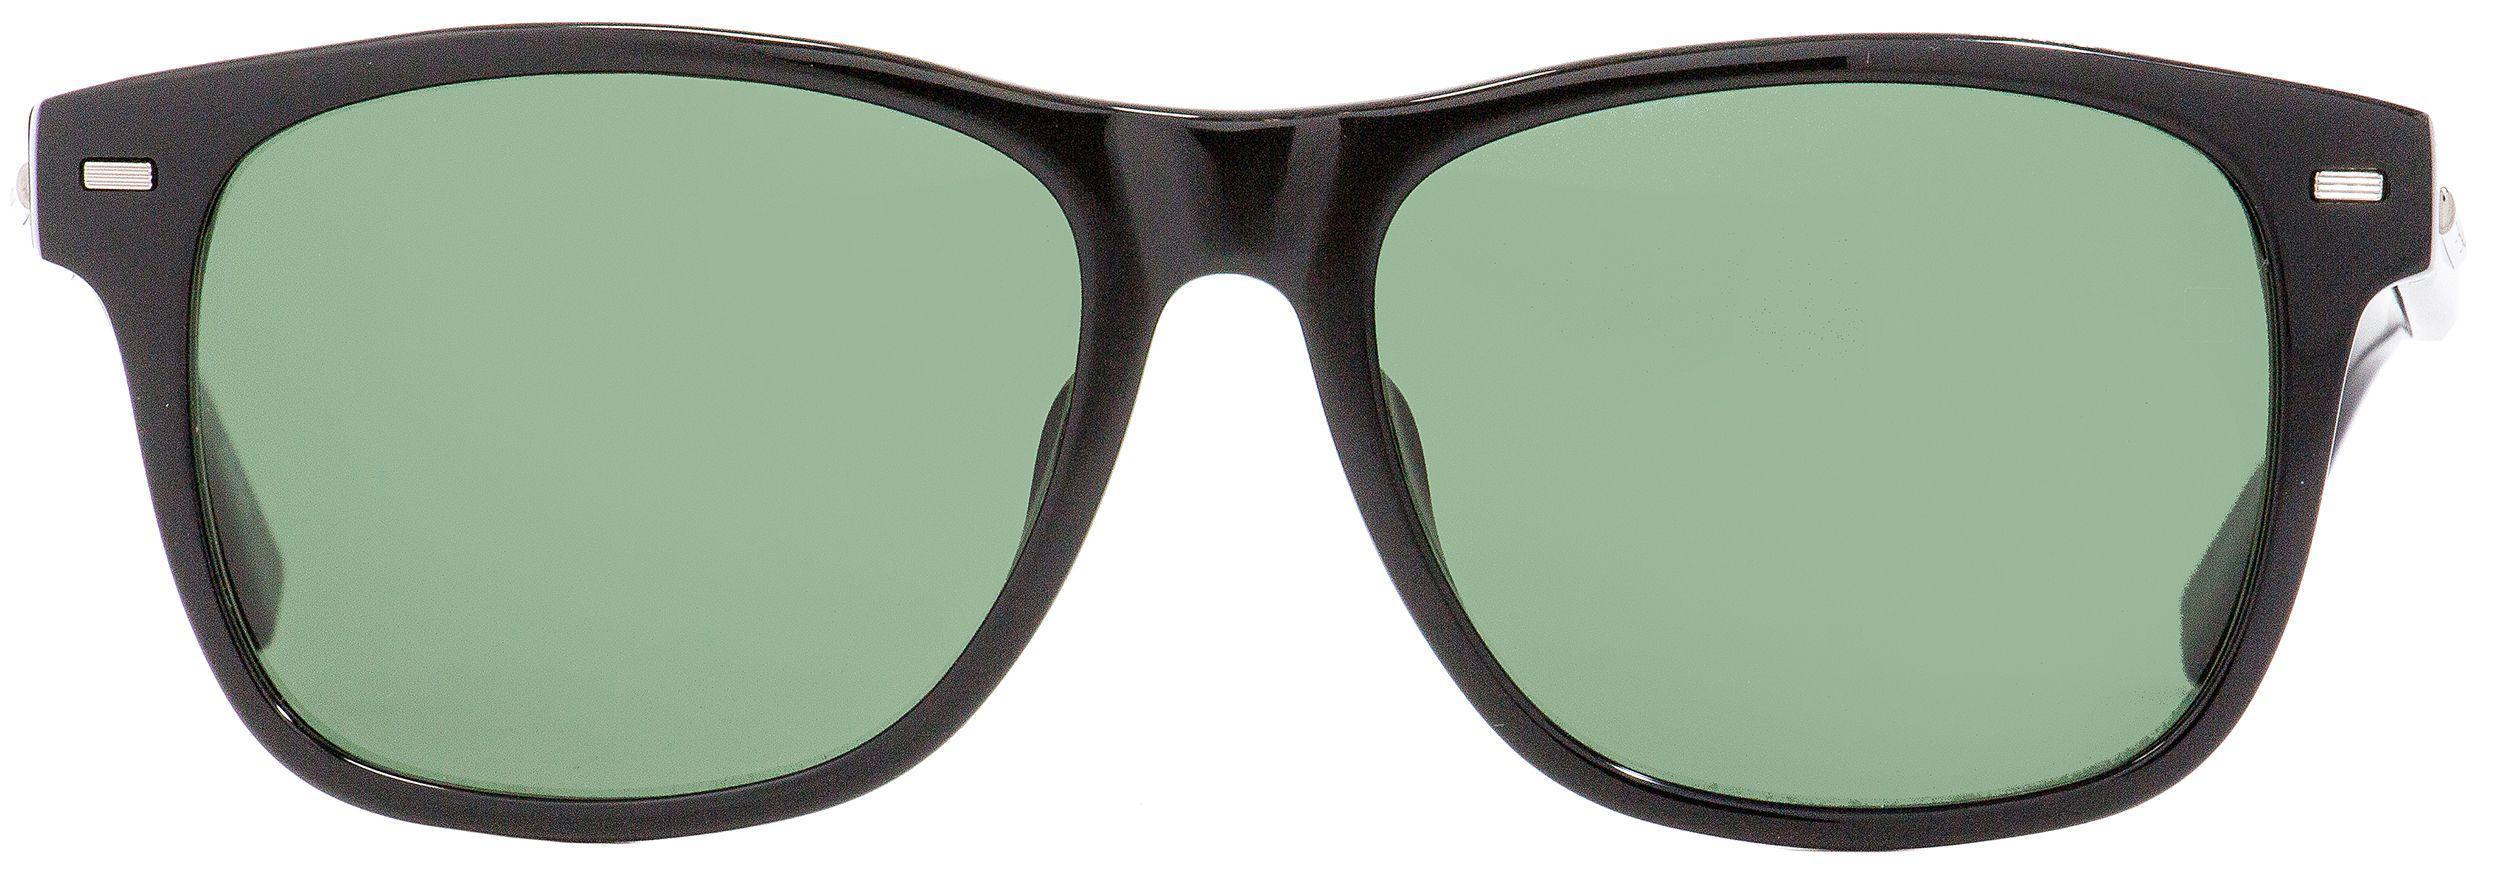 e4c00f8cbd Lyst - Ermenegildo Zegna Rectangular Sunglasses Ez0020 01r Shiny ...